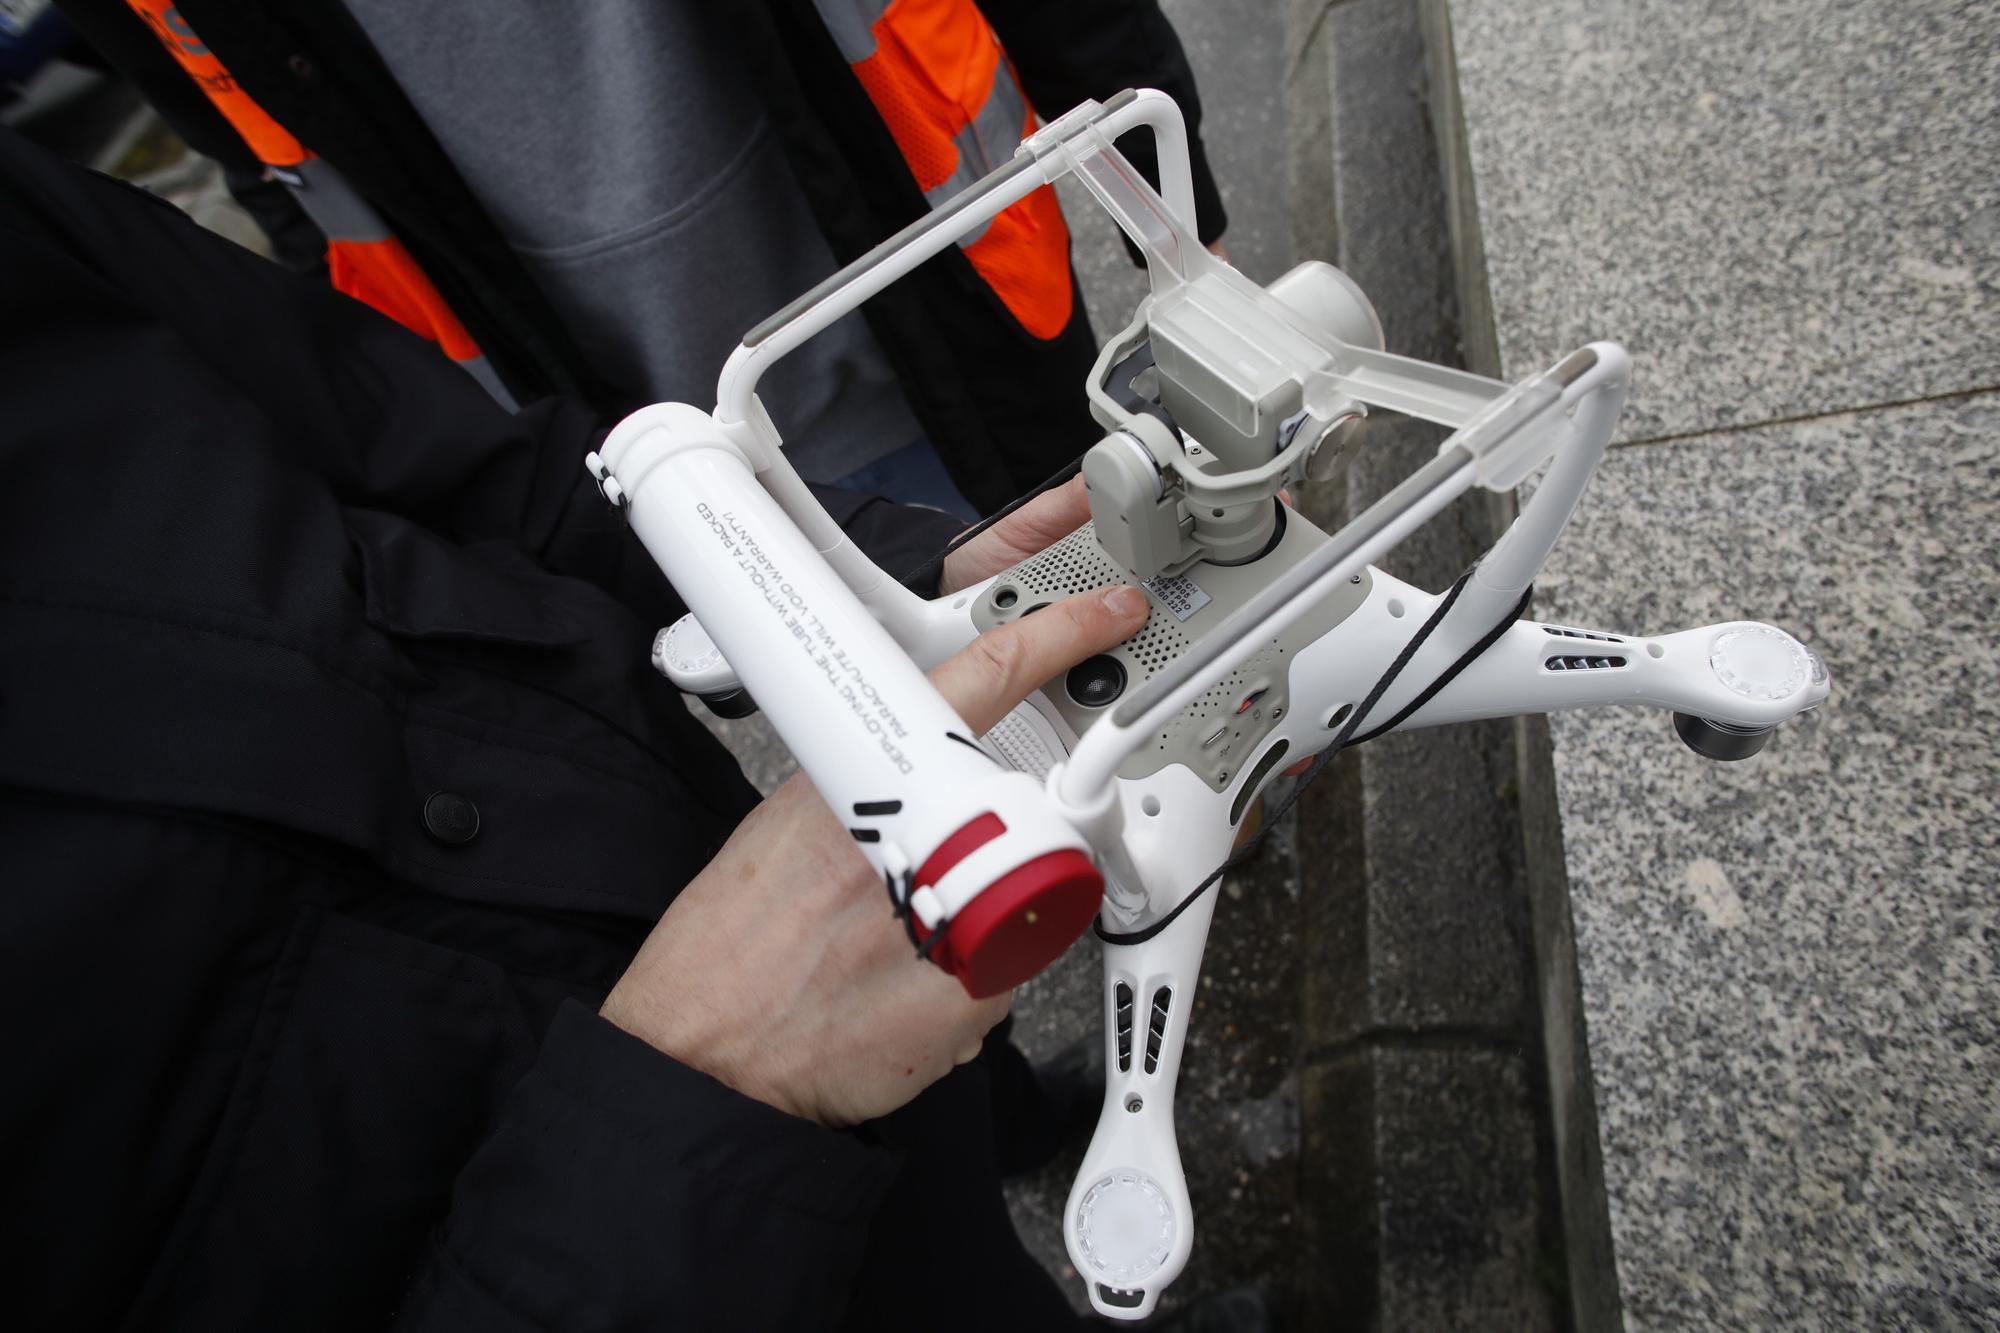 Control policial del vuelo de un dron en San Lorenzo